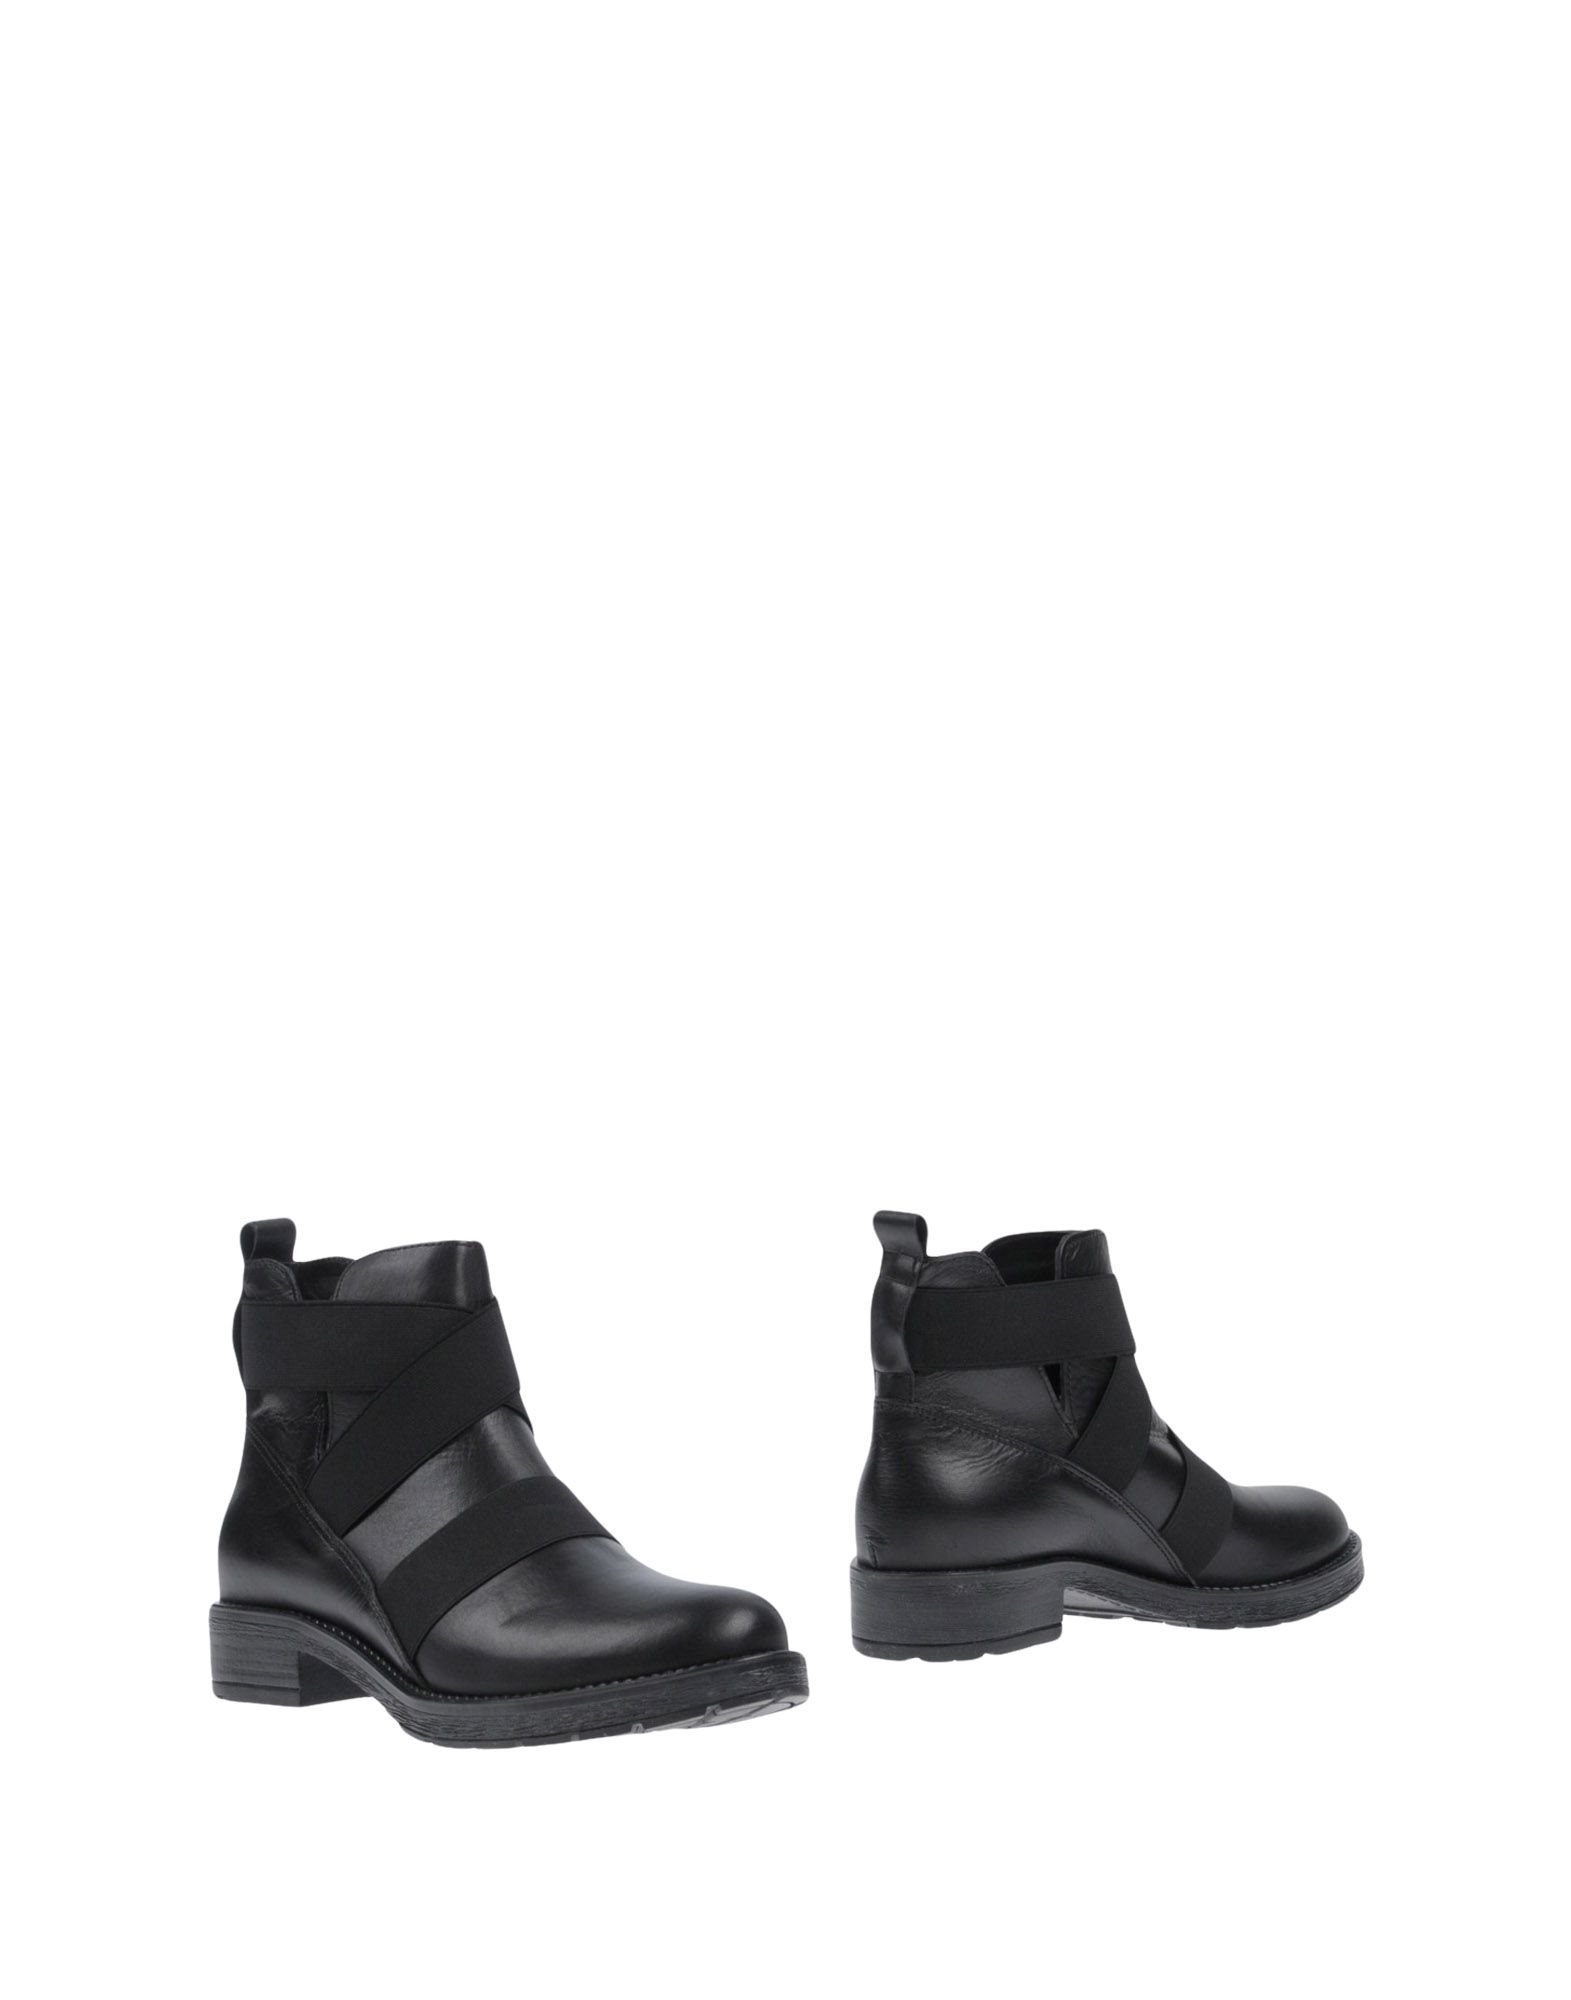 Paola Firenze Stiefelette Damen  11456014TM Gute Qualität beliebte Schuhe